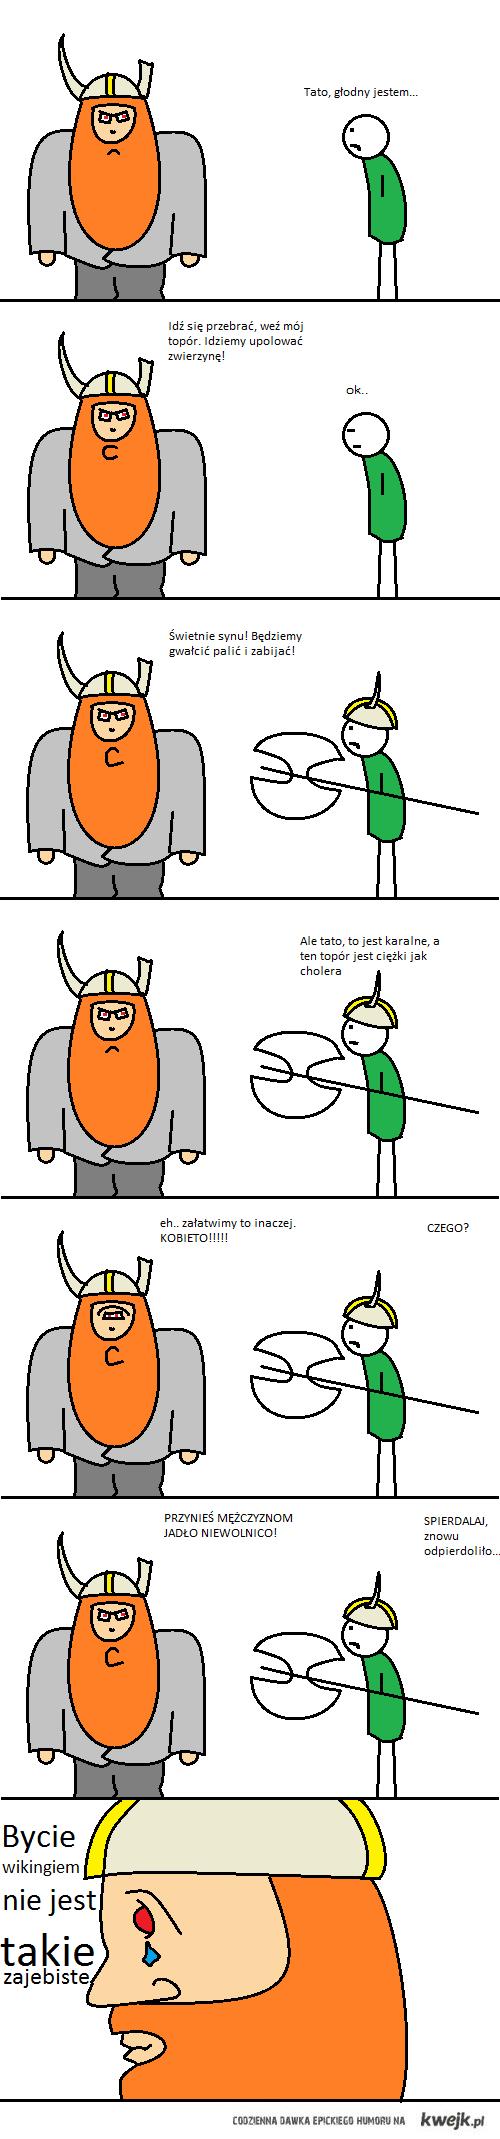 Bycie wikingiem nie jest takie zajebiste